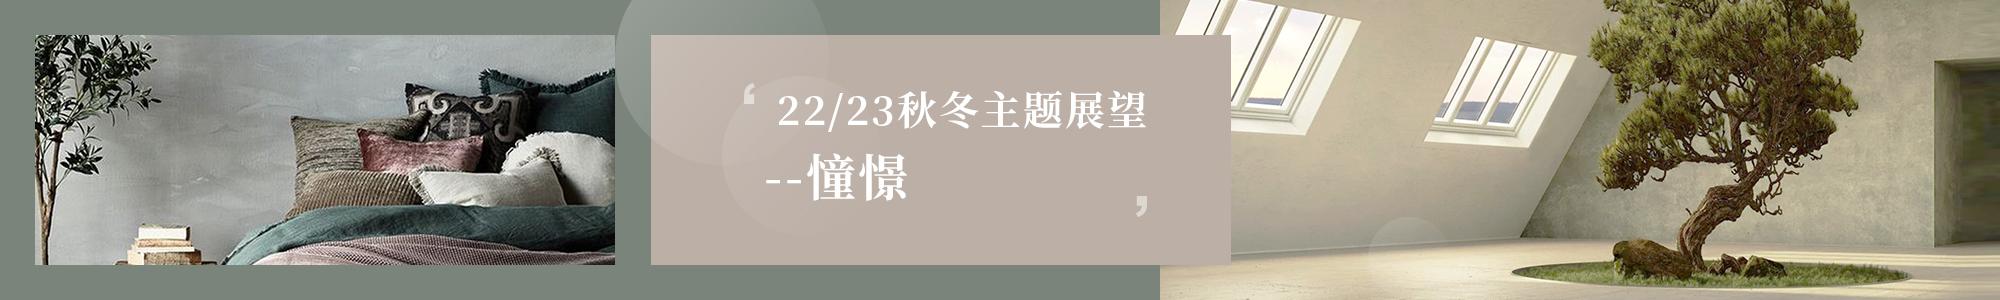 22/23秋冬主题展望--憧憬